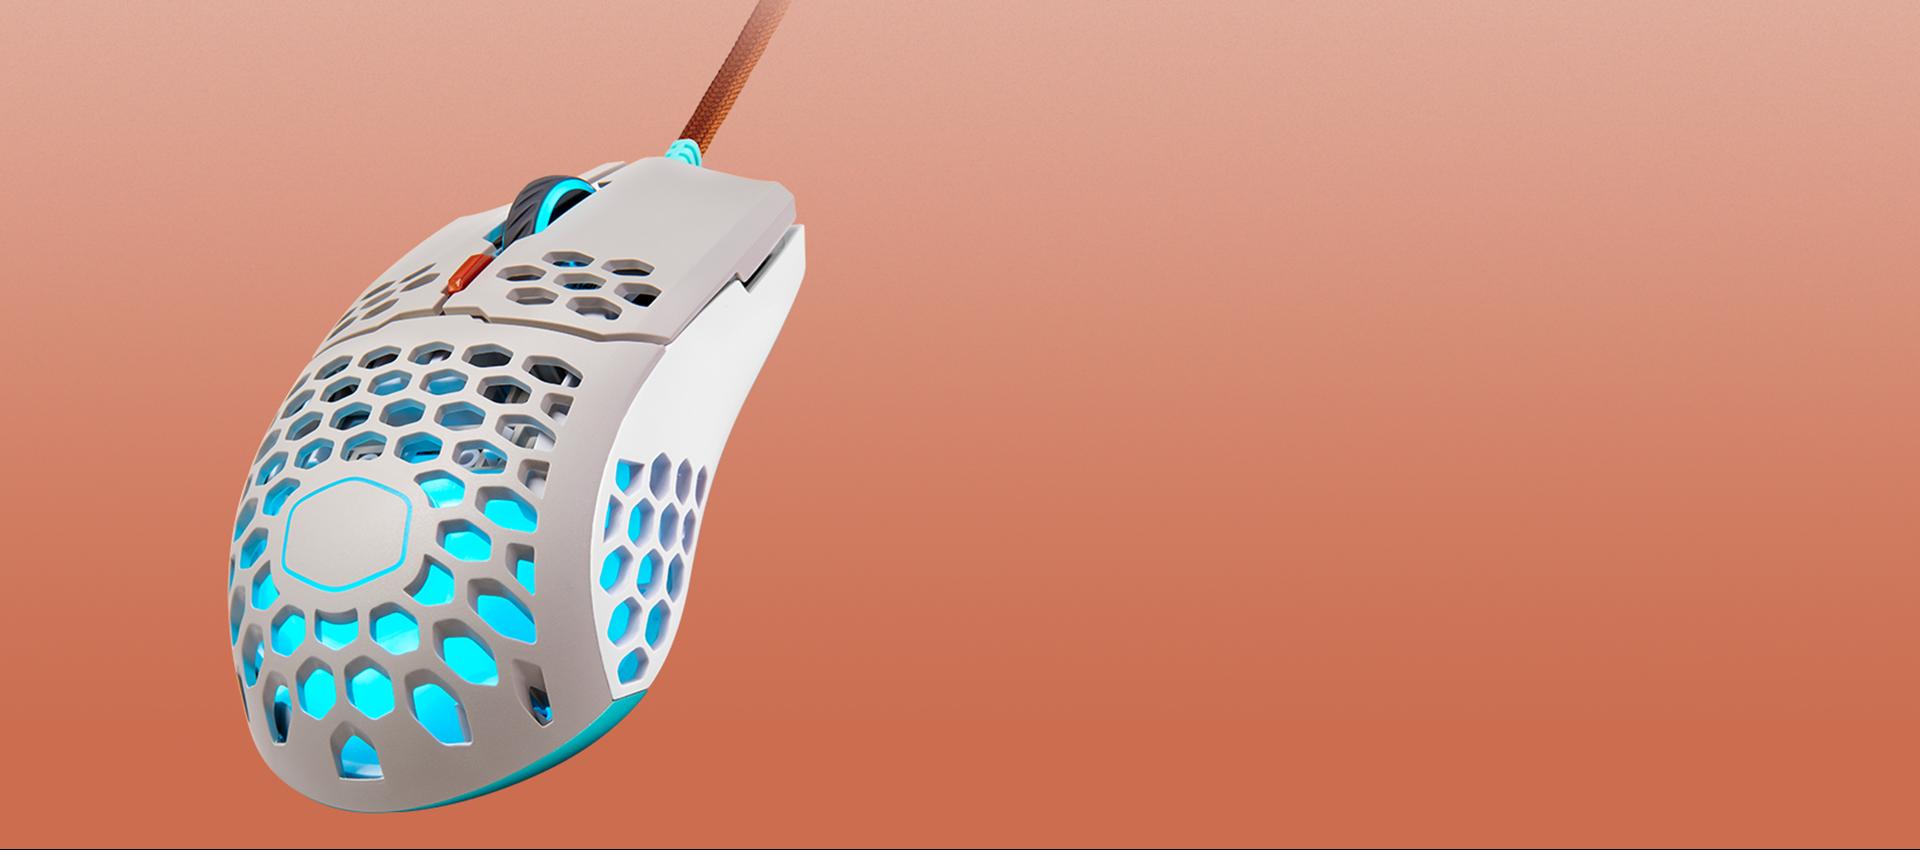 Giới thiệu  Chuột Cooler Master MM711 Retro (USB/RGB/Trắng)